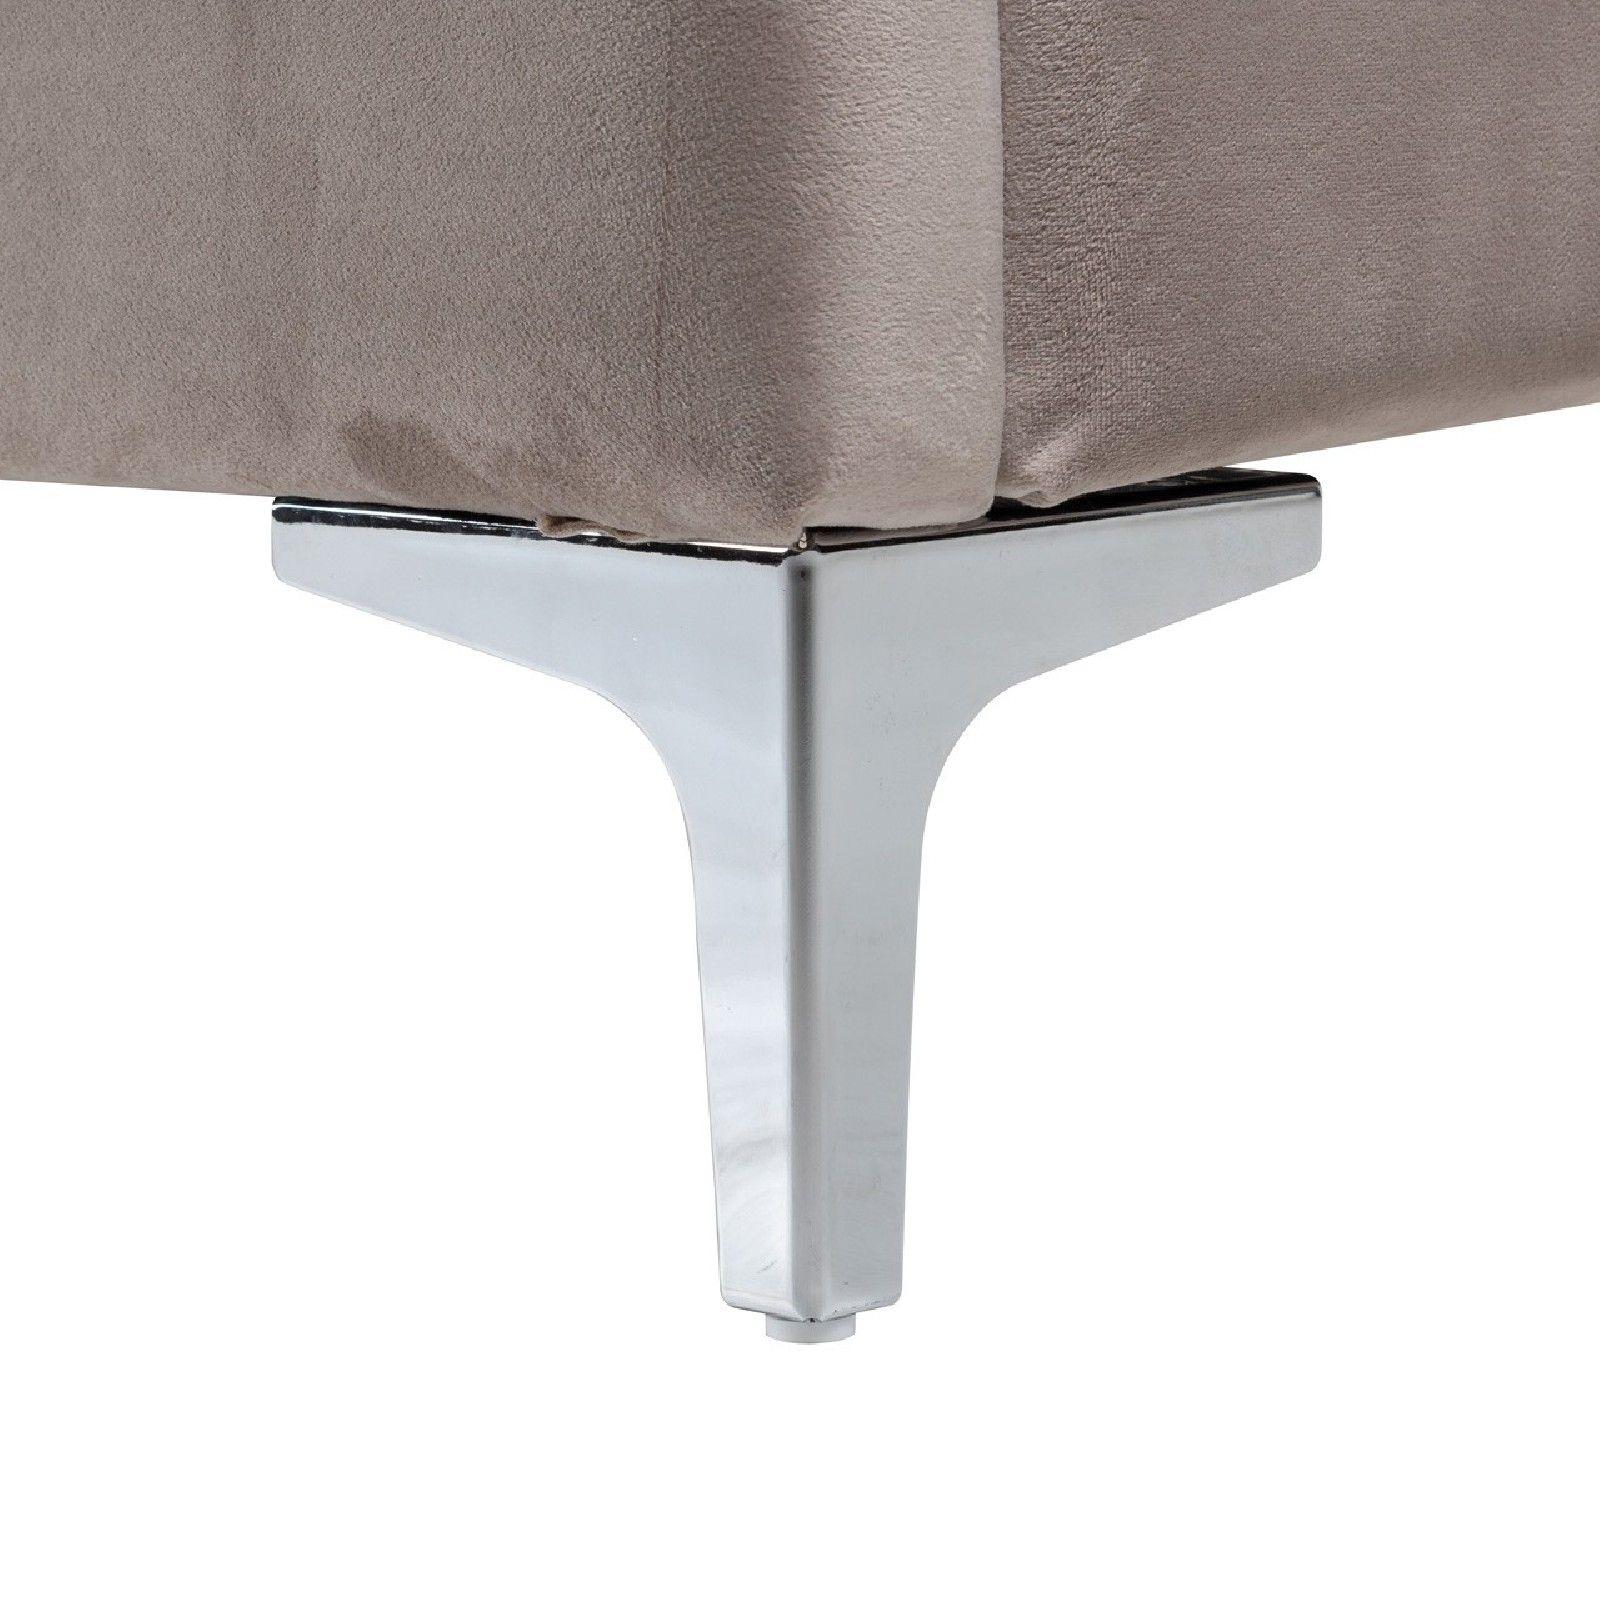 Lit double Belmond 180x200 hors matelasle lit est disponible avec des pieds dorés et argentés Meuble Déco Tendance - 239